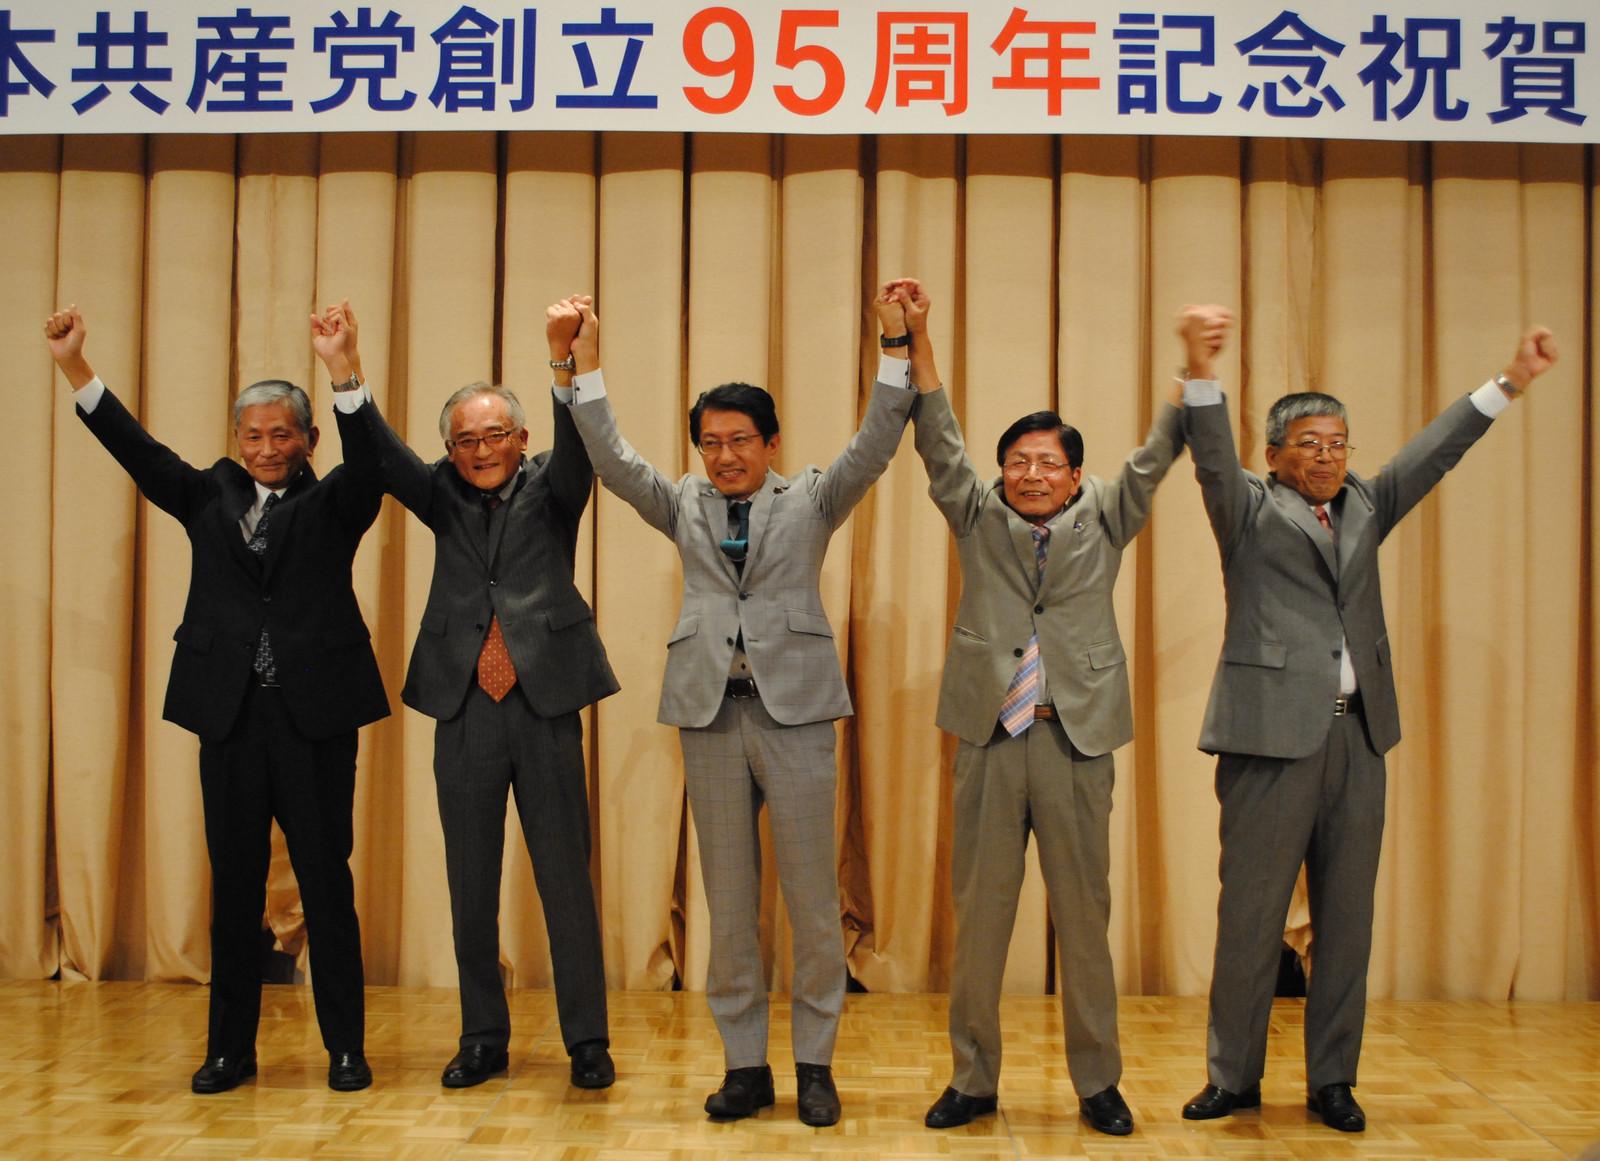 長崎県党95周年記念祝賀会